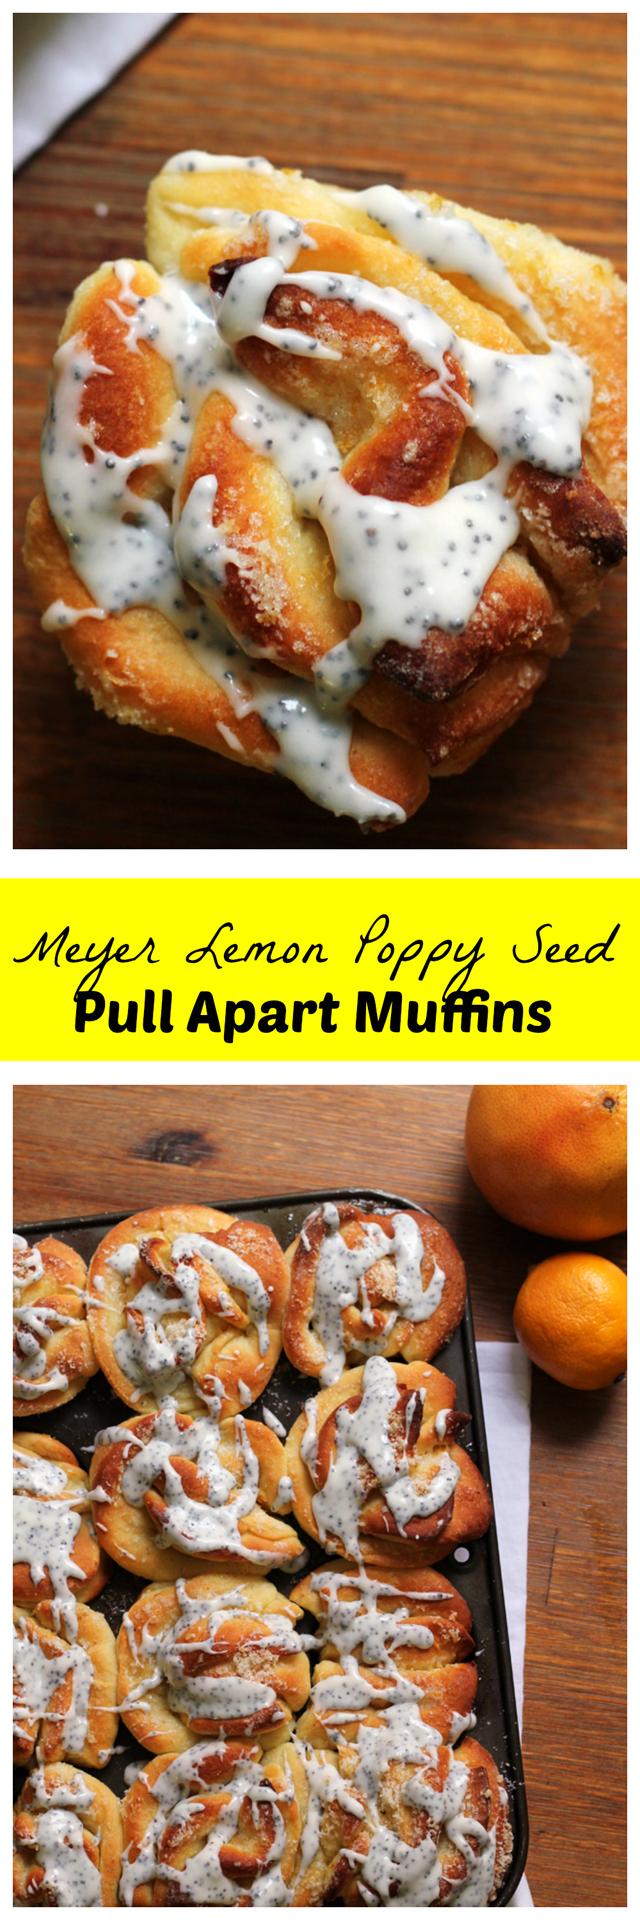 meyer lemon poppy seed pull apart muffins